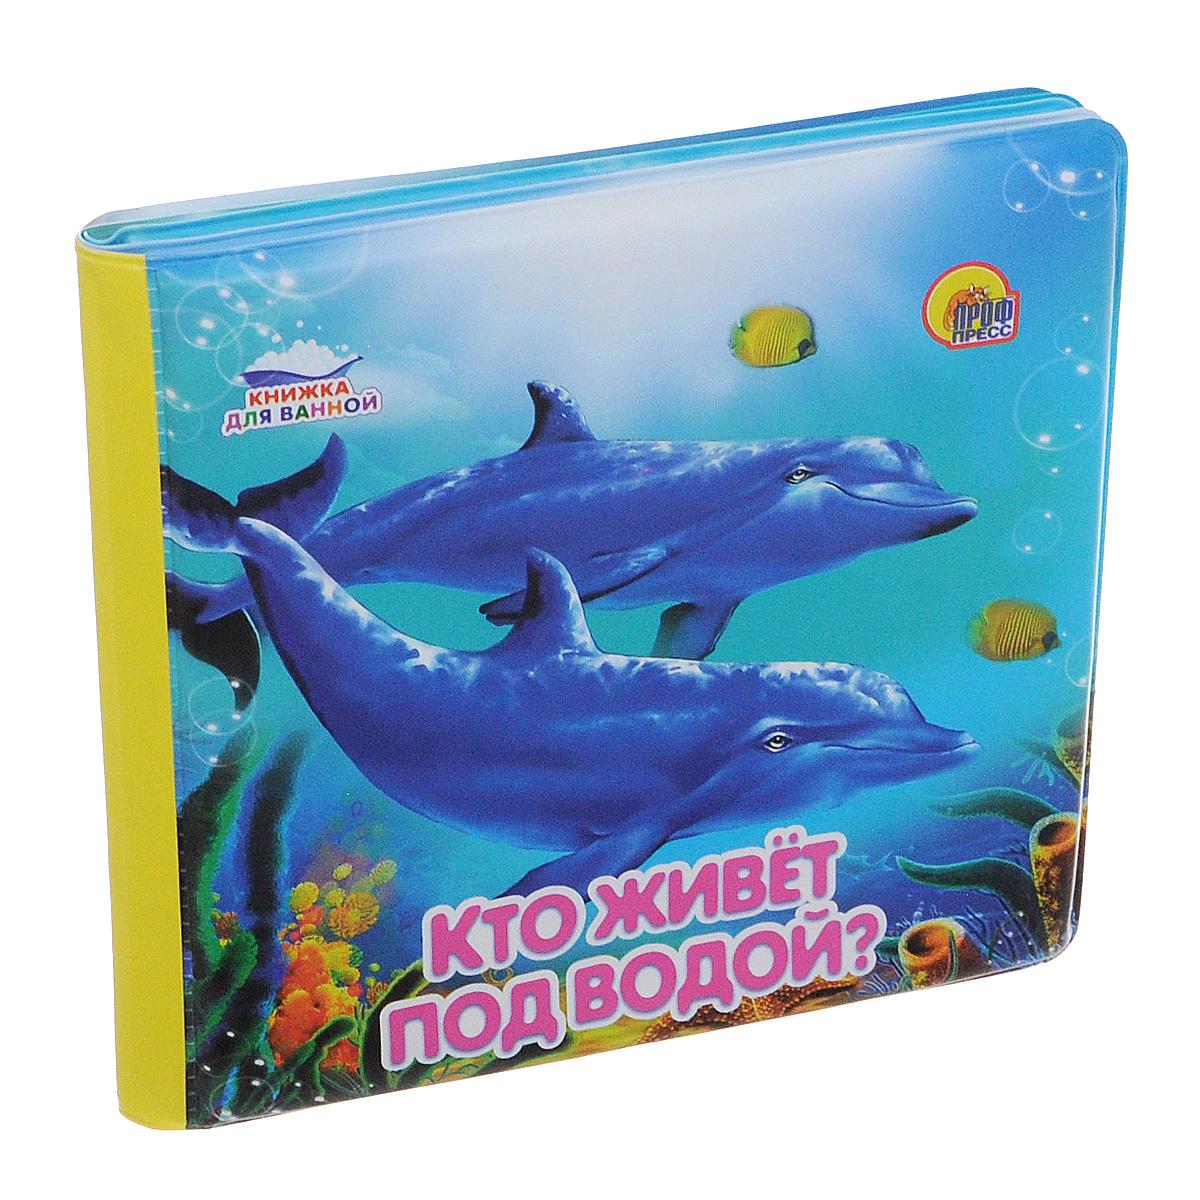 Кто живет под водой? Книжка для ванной ( 978-5-378-16585-8 )